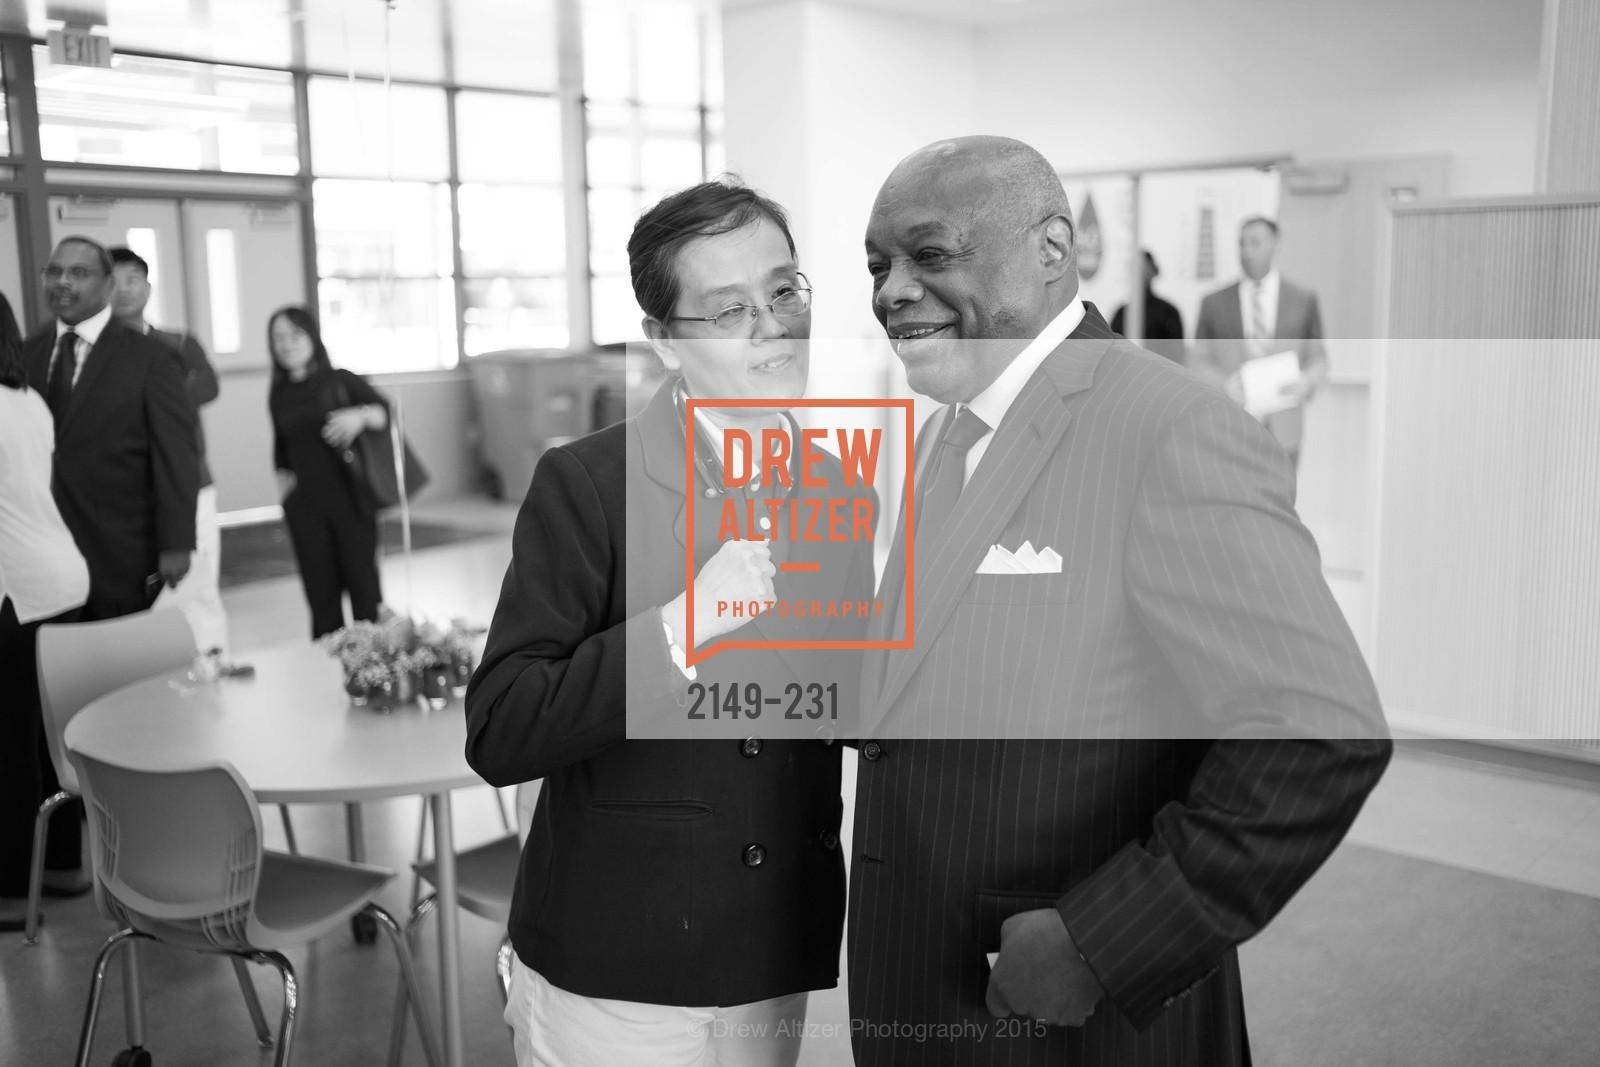 Willie Brown, Photo #2149-231